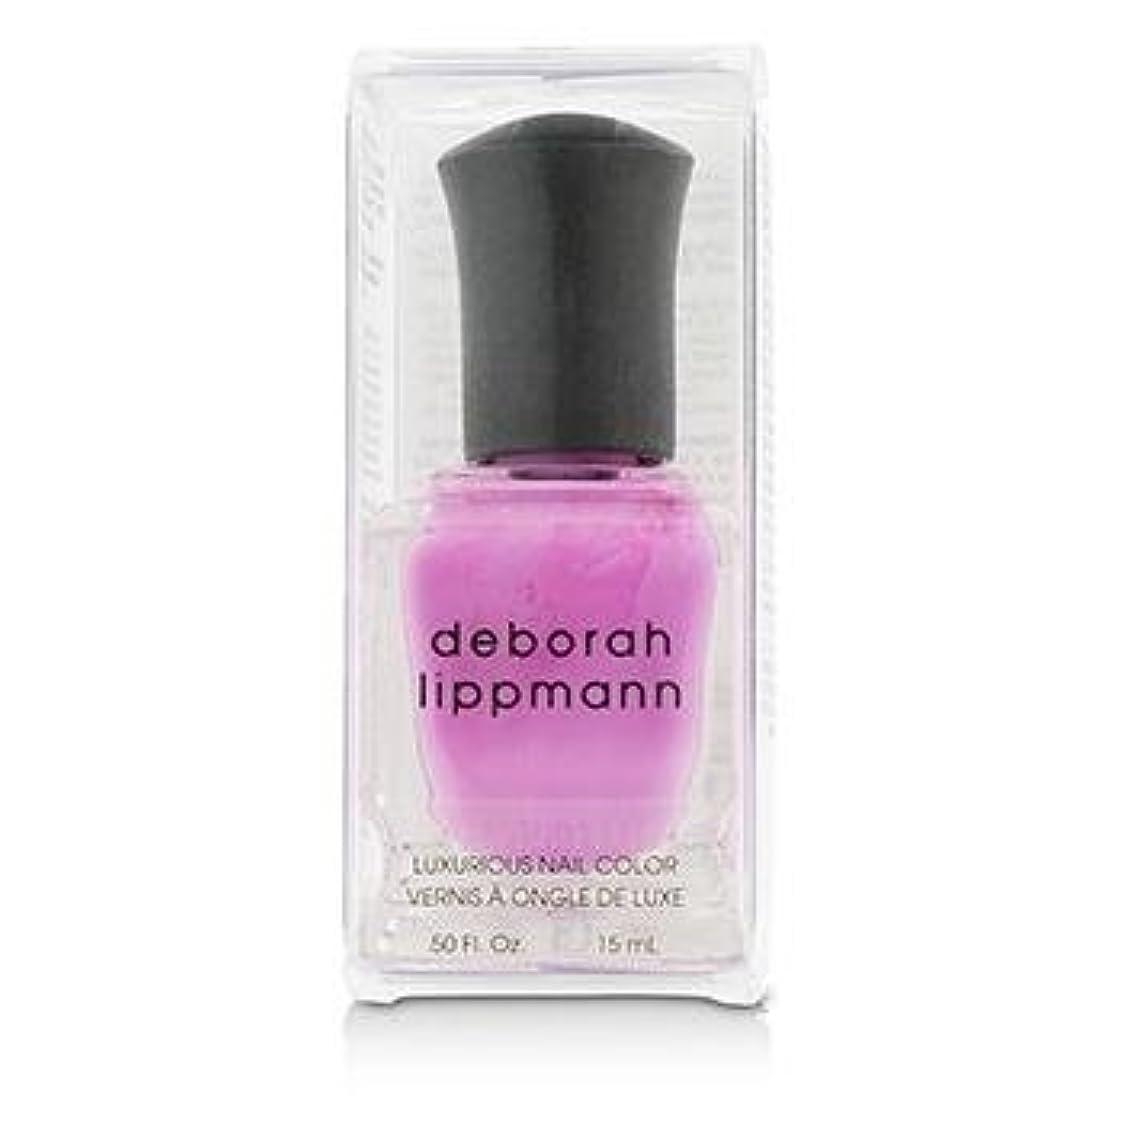 先史時代の葉進捗【deborah lippmann】【デボラリップマン】ポリッシュ ピンク系 15mL (シーボップ)